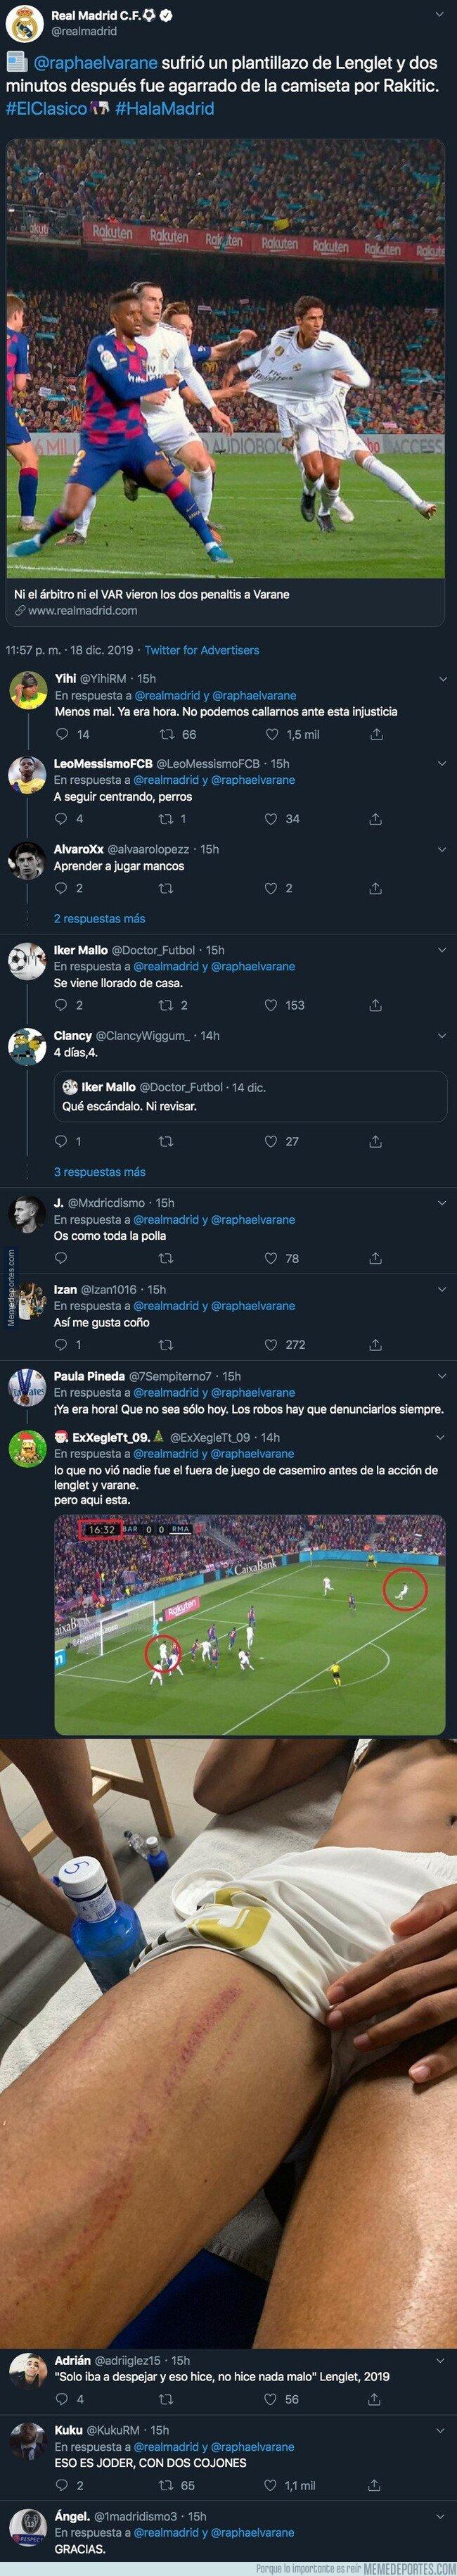 1093979 - El tuit del Real Madrid rajando del árbitro tras el Clásico que no esperaban los madridistas y están aplaudiendo muy fuerte